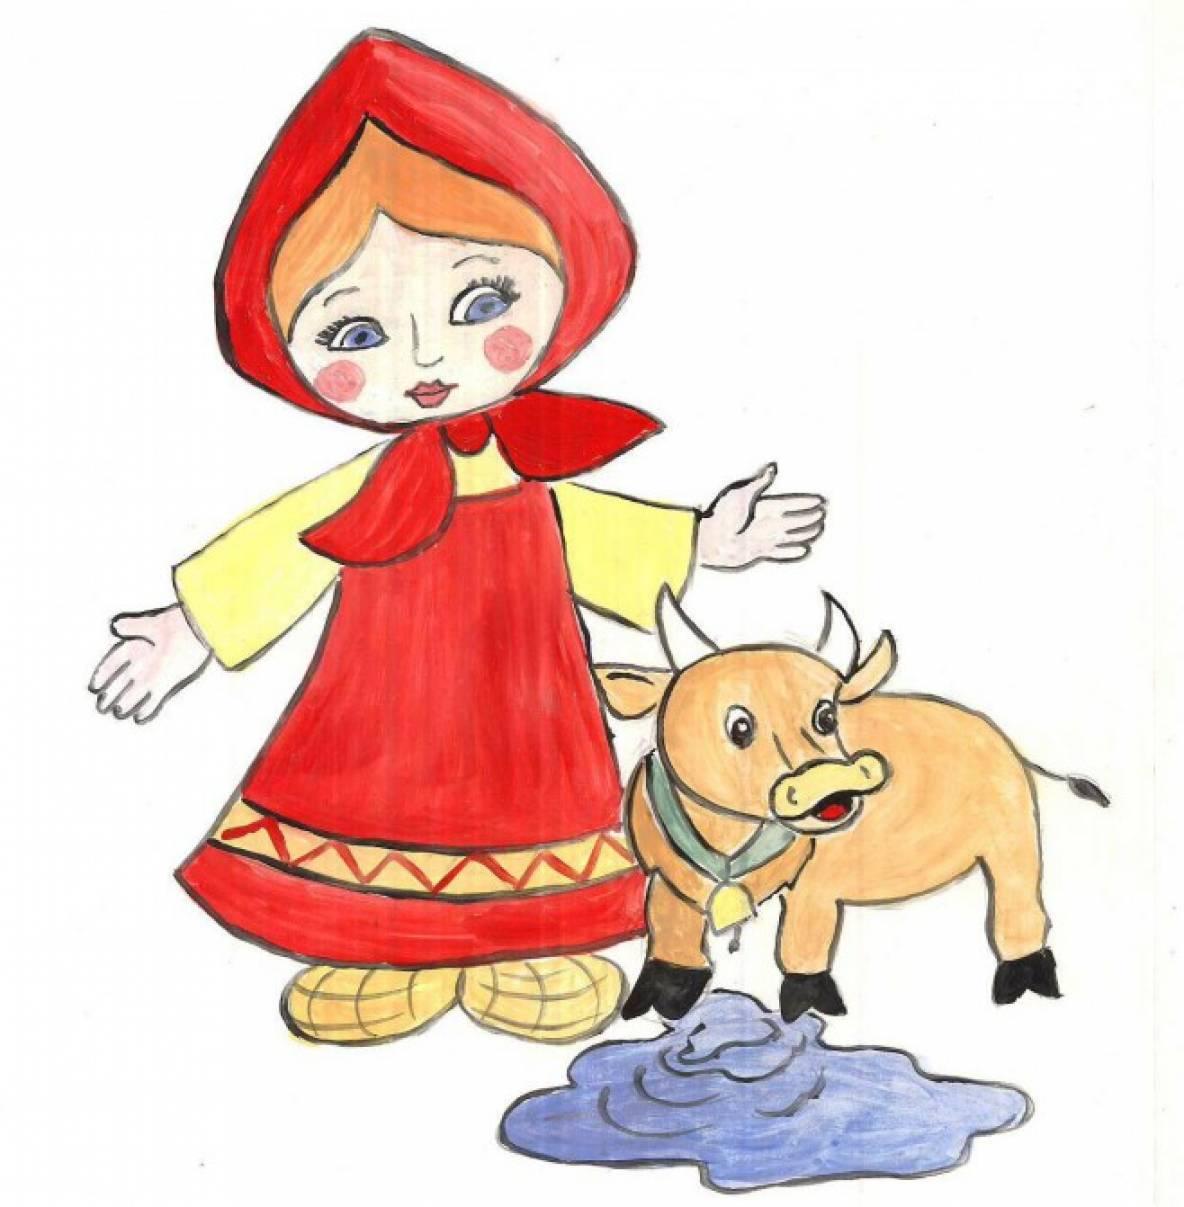 картинки из русских сказок с ошибками днем рождения